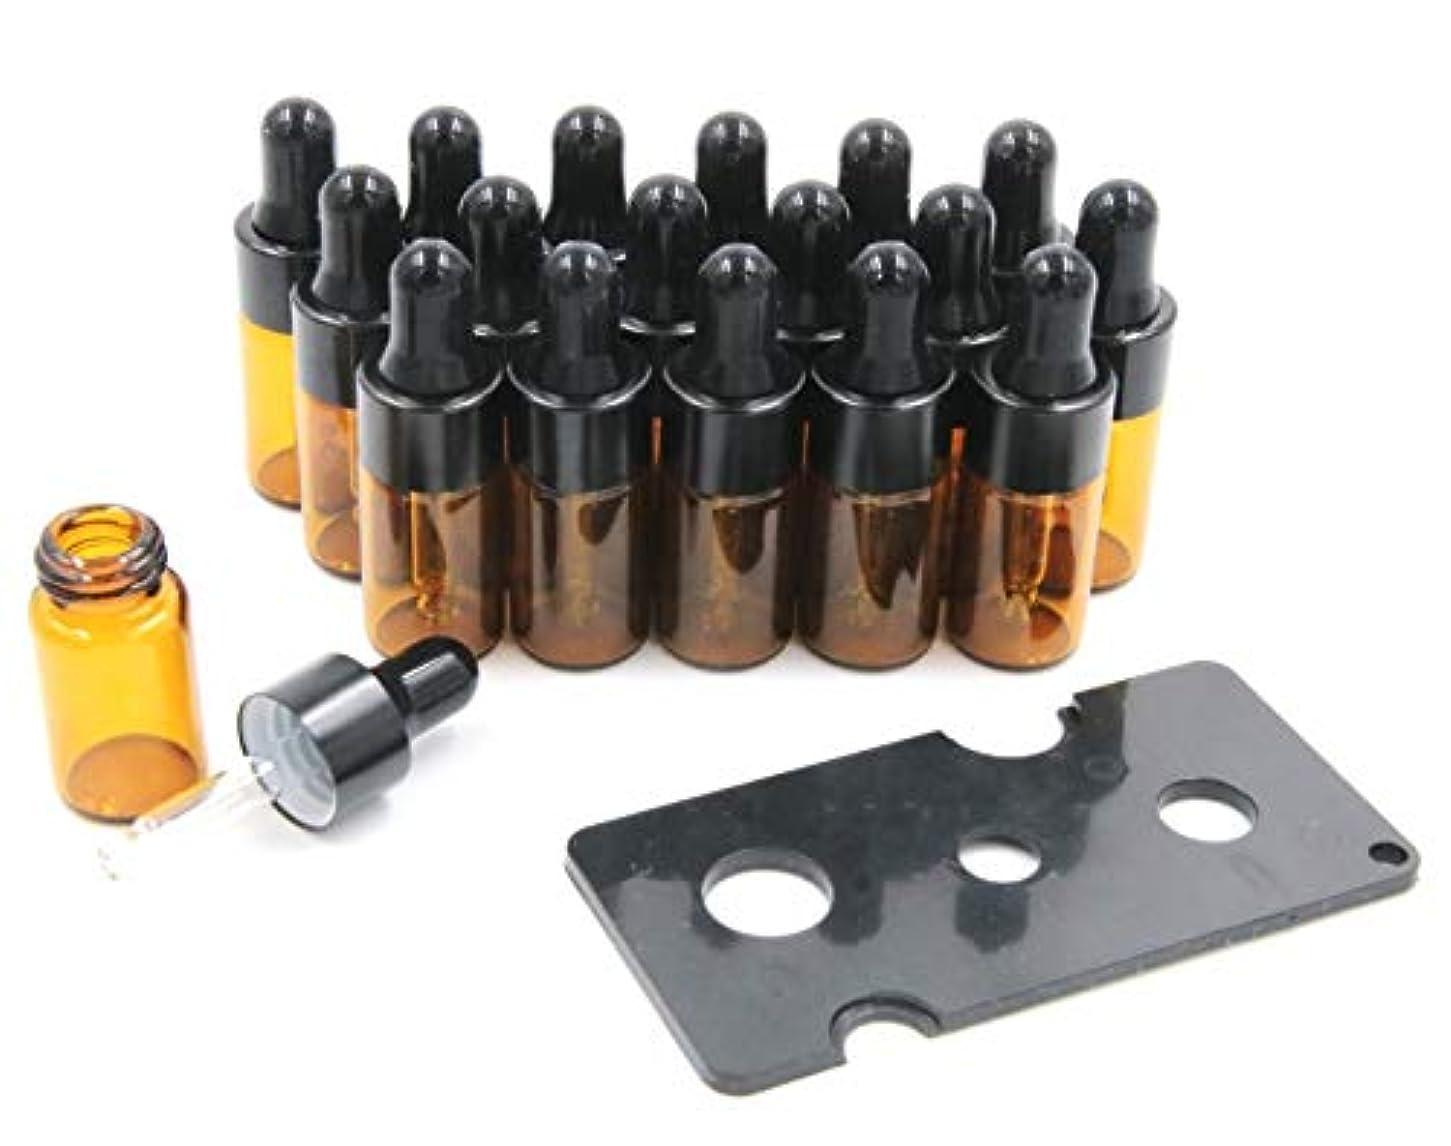 必要ないマディソンこしょうXPdesign アロマ スポイト遮光瓶 アロマオイル 遮光瓶 保存 容器 小分け 詰め替え 香水 ボトル (3ml 18本セット)